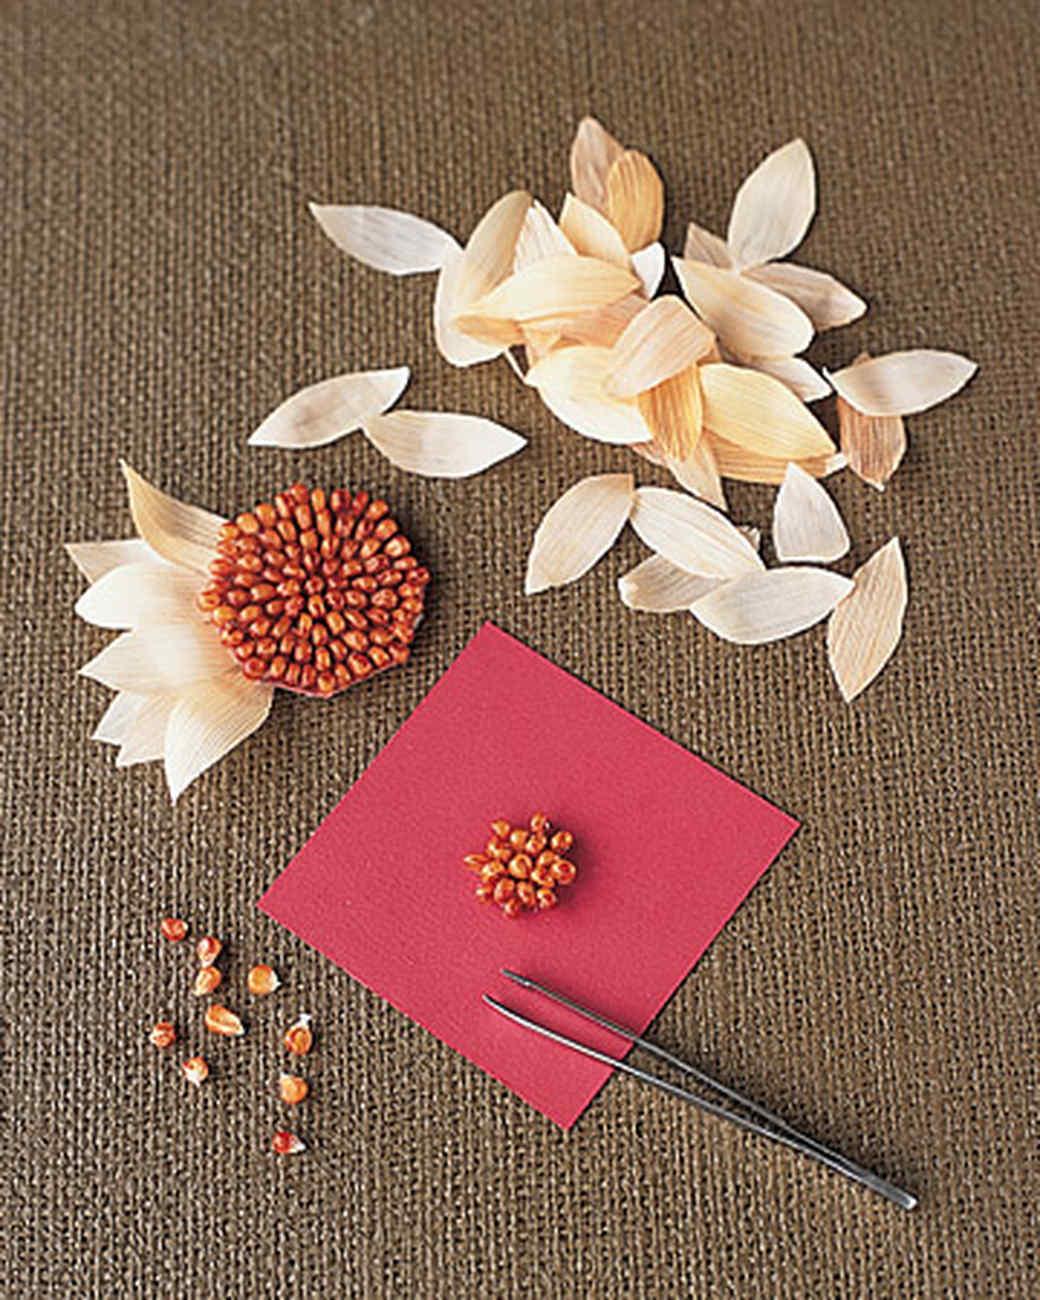 How to make cornhusk flowers martha stewart izmirmasajfo